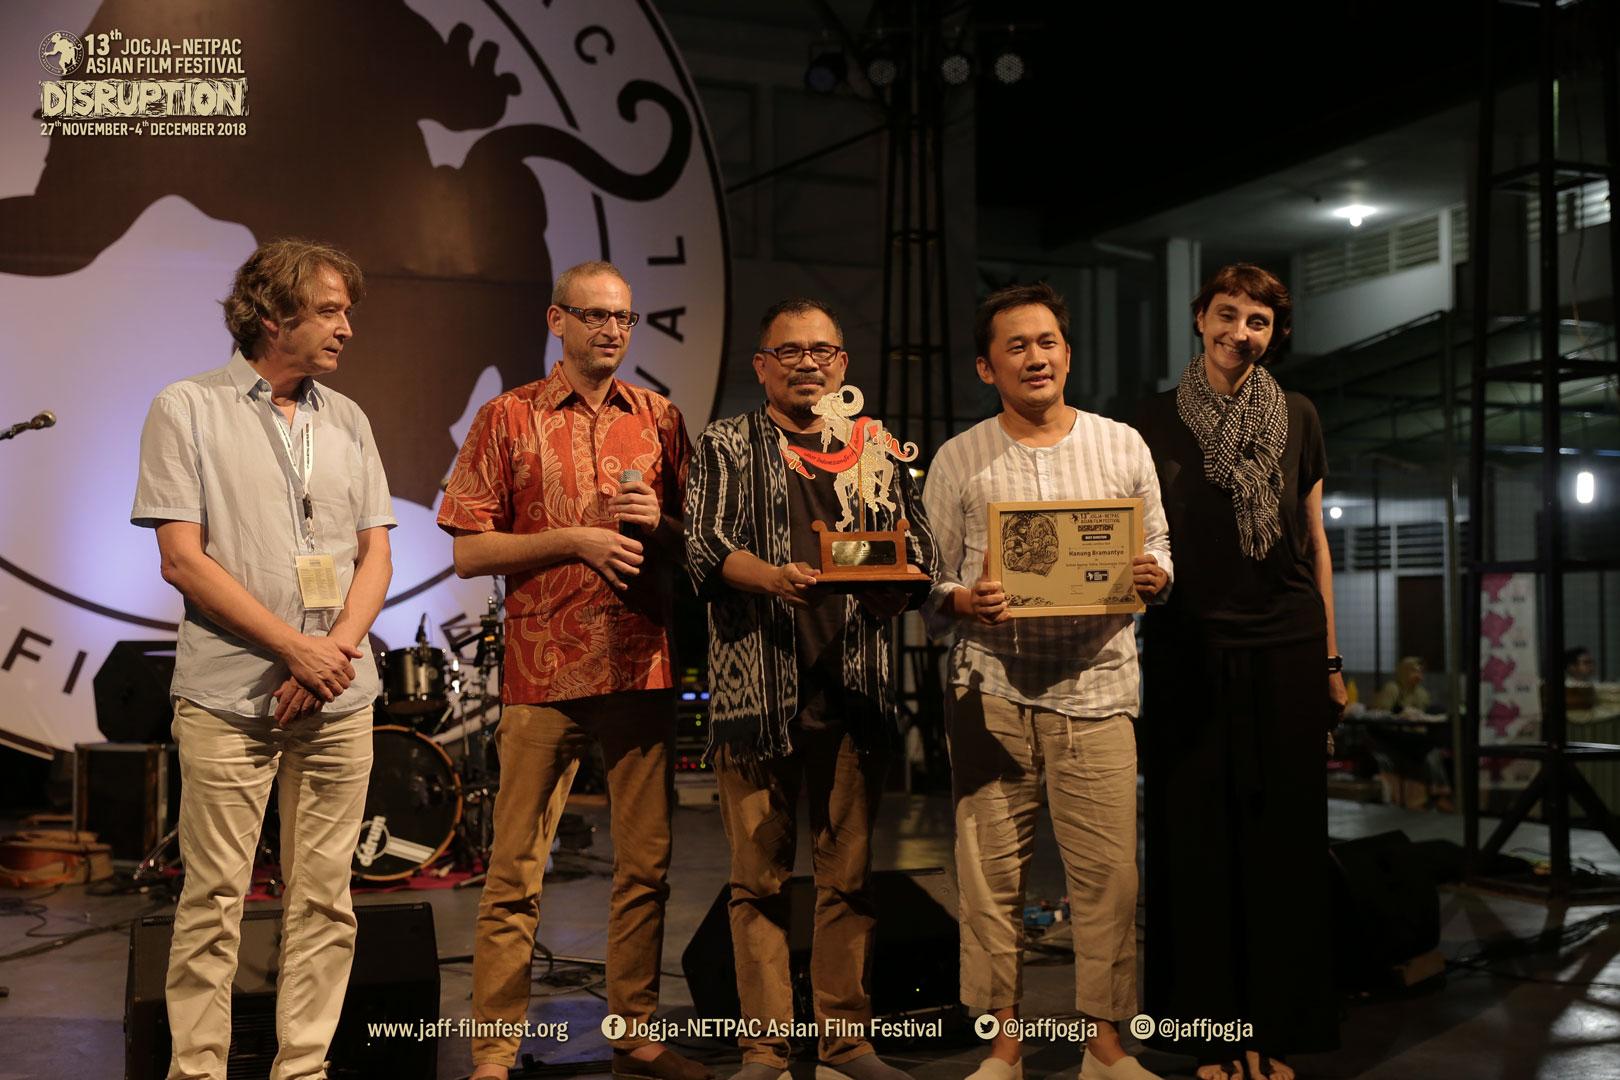 Malam Penganugerahan dan Daftar Pemenang Penghargaan Jogja-NETPAC Asian Film Festival ke-13